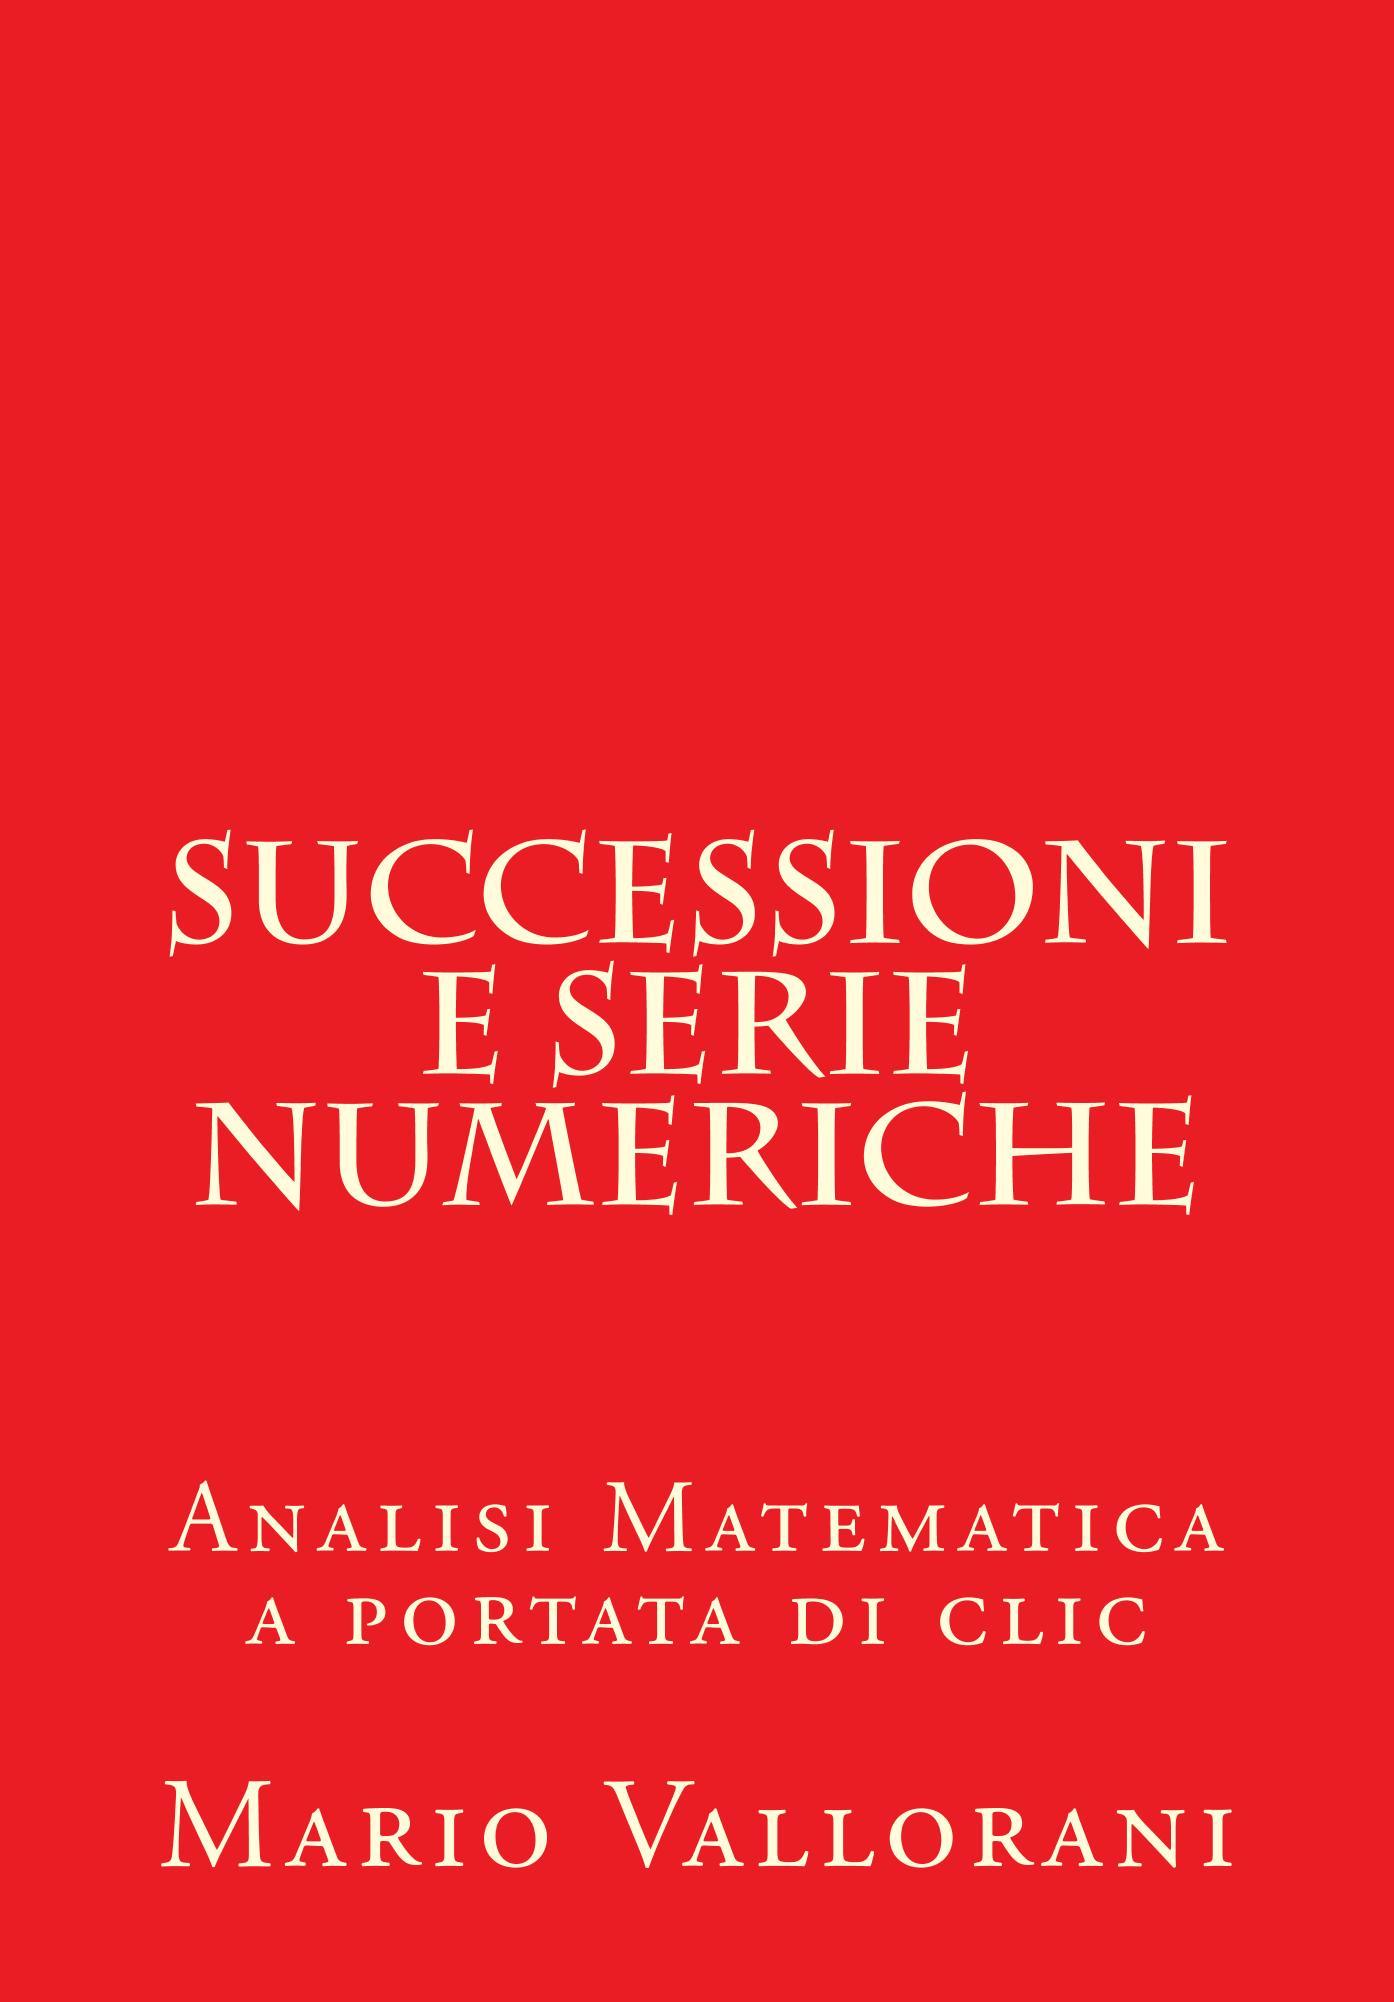 Mario Vallorani - Funzioni reali di una variabile reale. Analisi matematica a portata di clic (2014) [Repost]